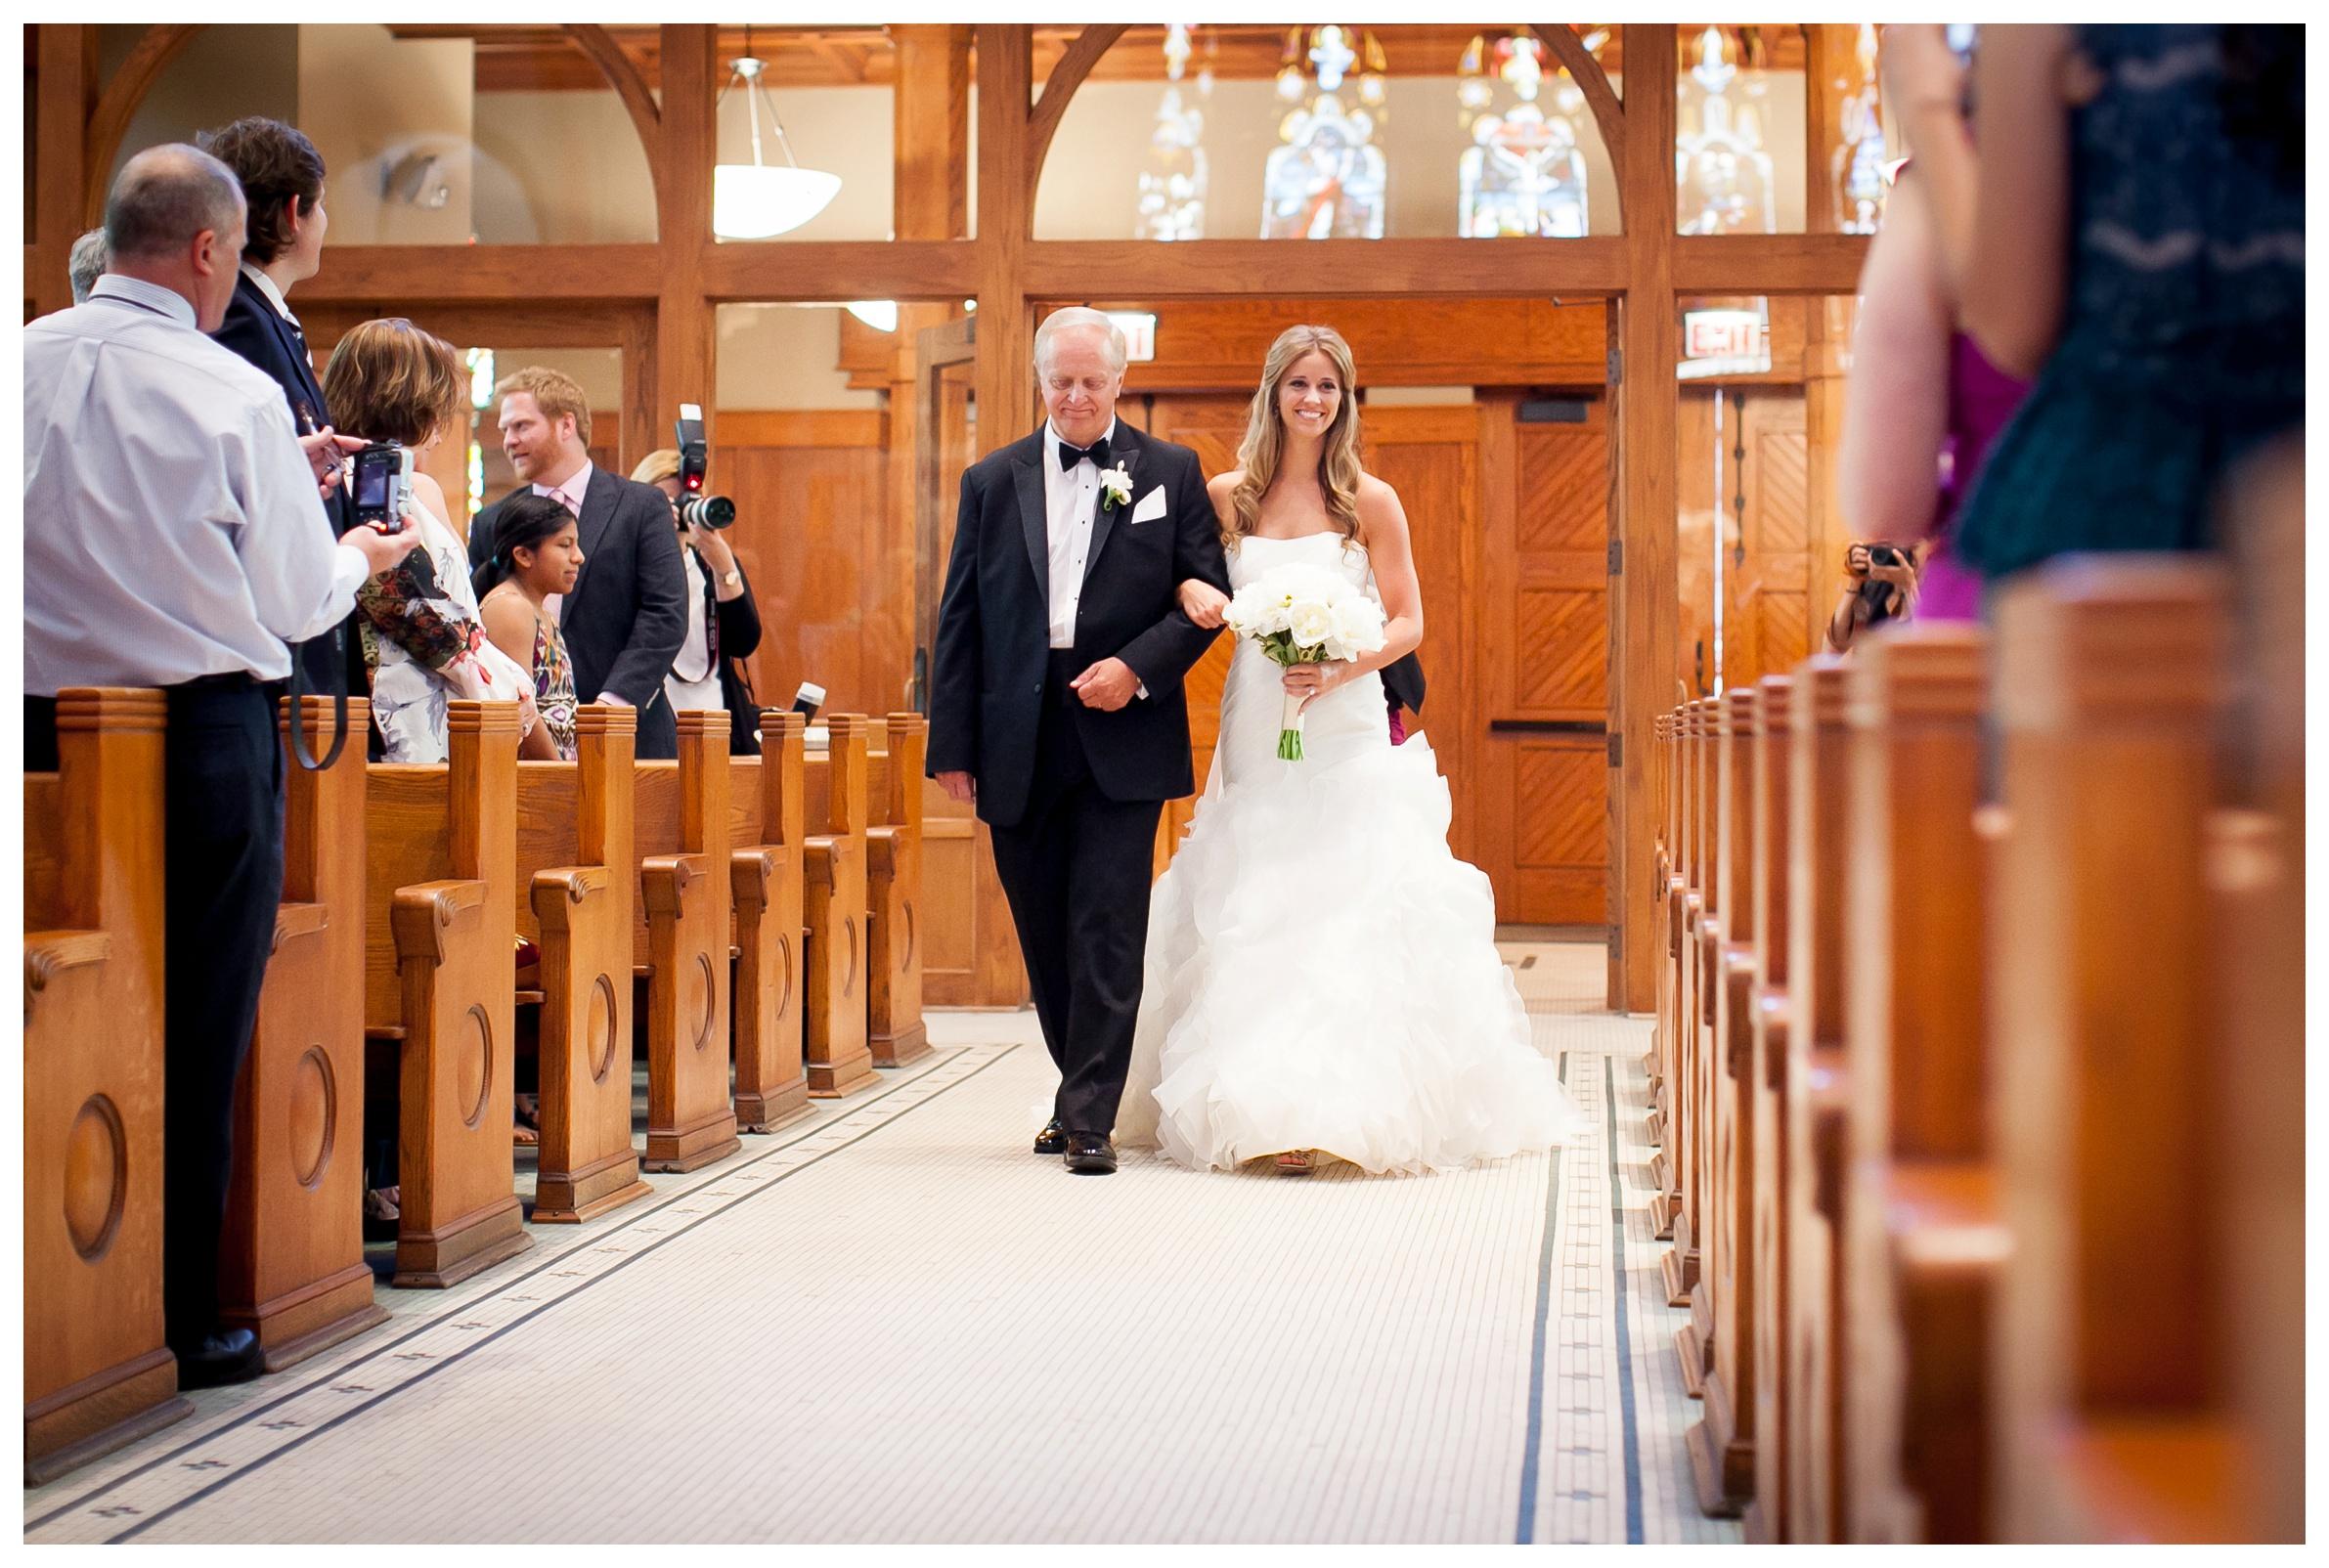 st-vincent-depaul-wedding-chicago